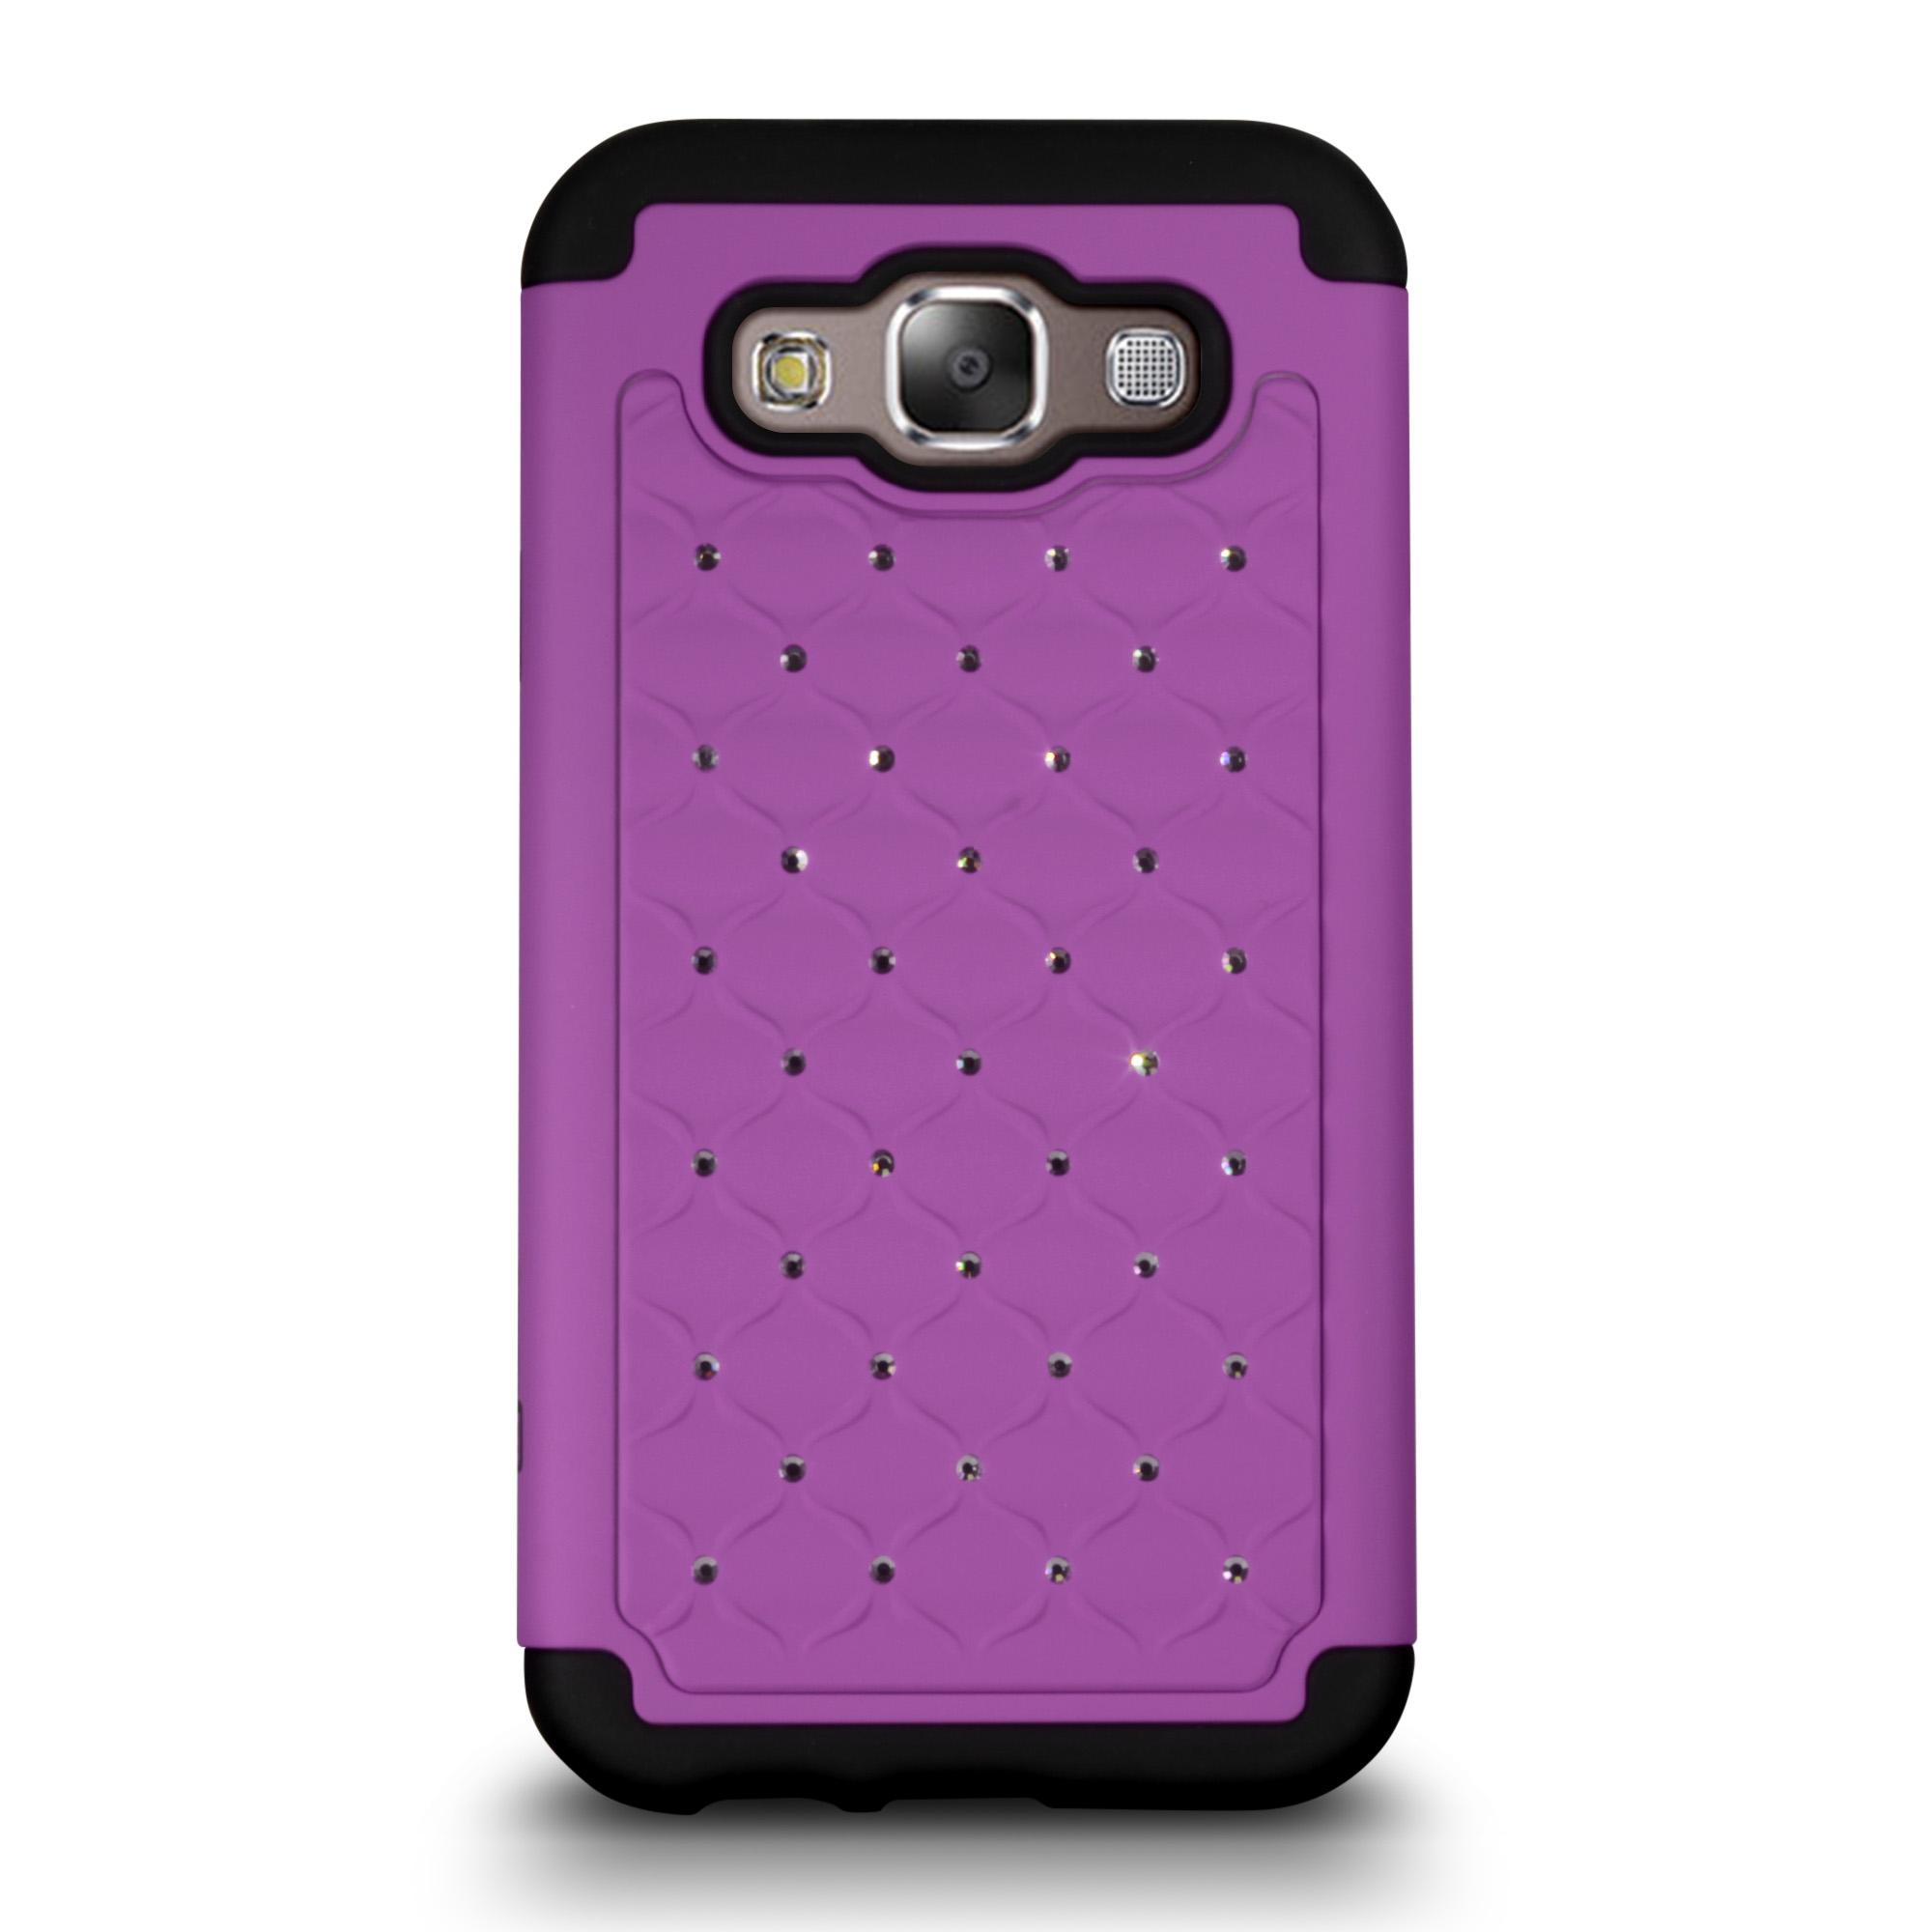 FLOVEME Luxury Mirror Case For Samsung Galaxy S7 S7 Edge